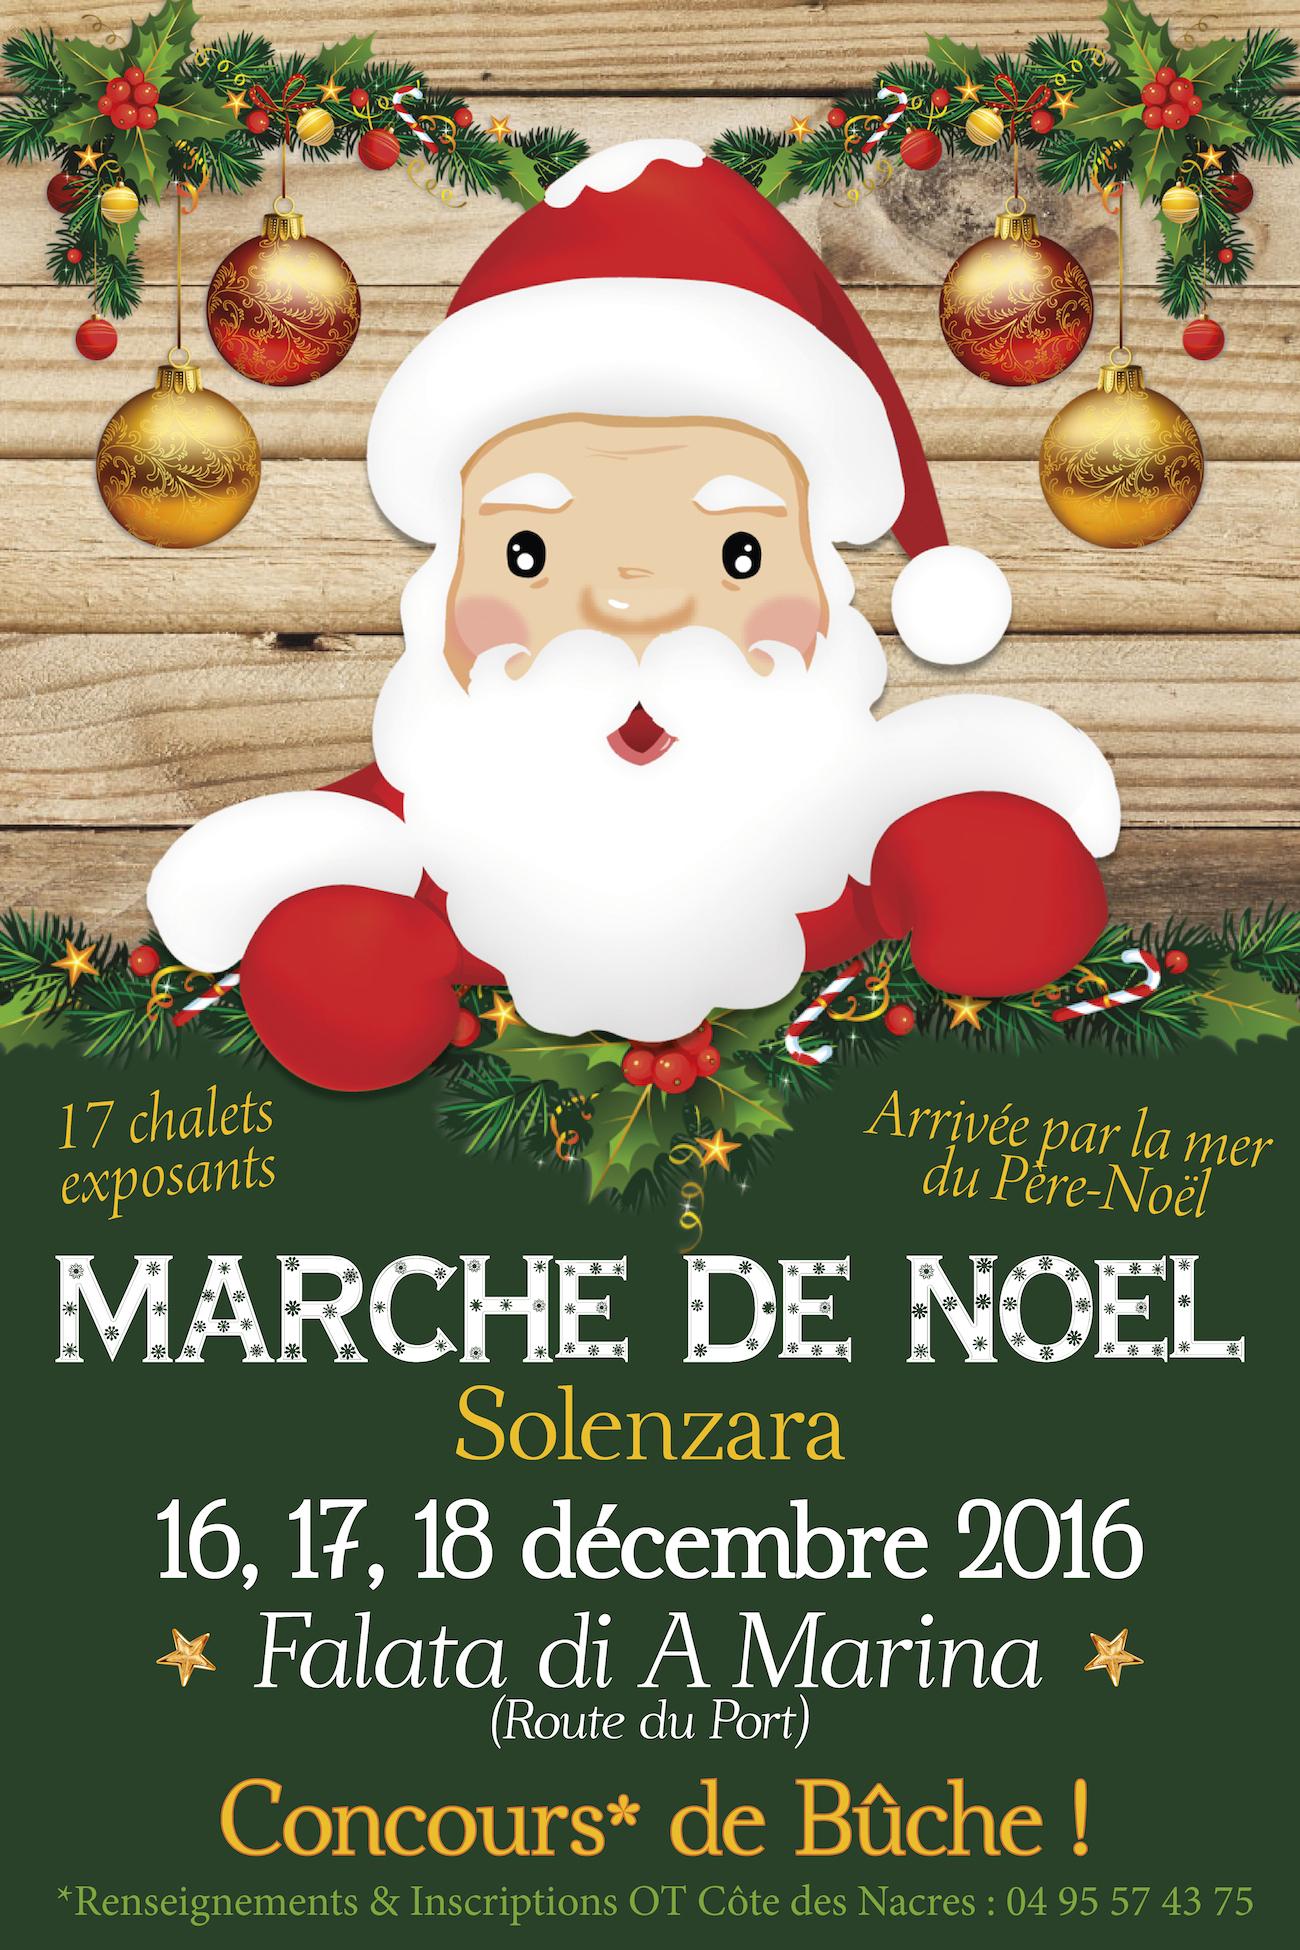 Solenzara : Marché de Noël les 16,17 et 18 Décembre